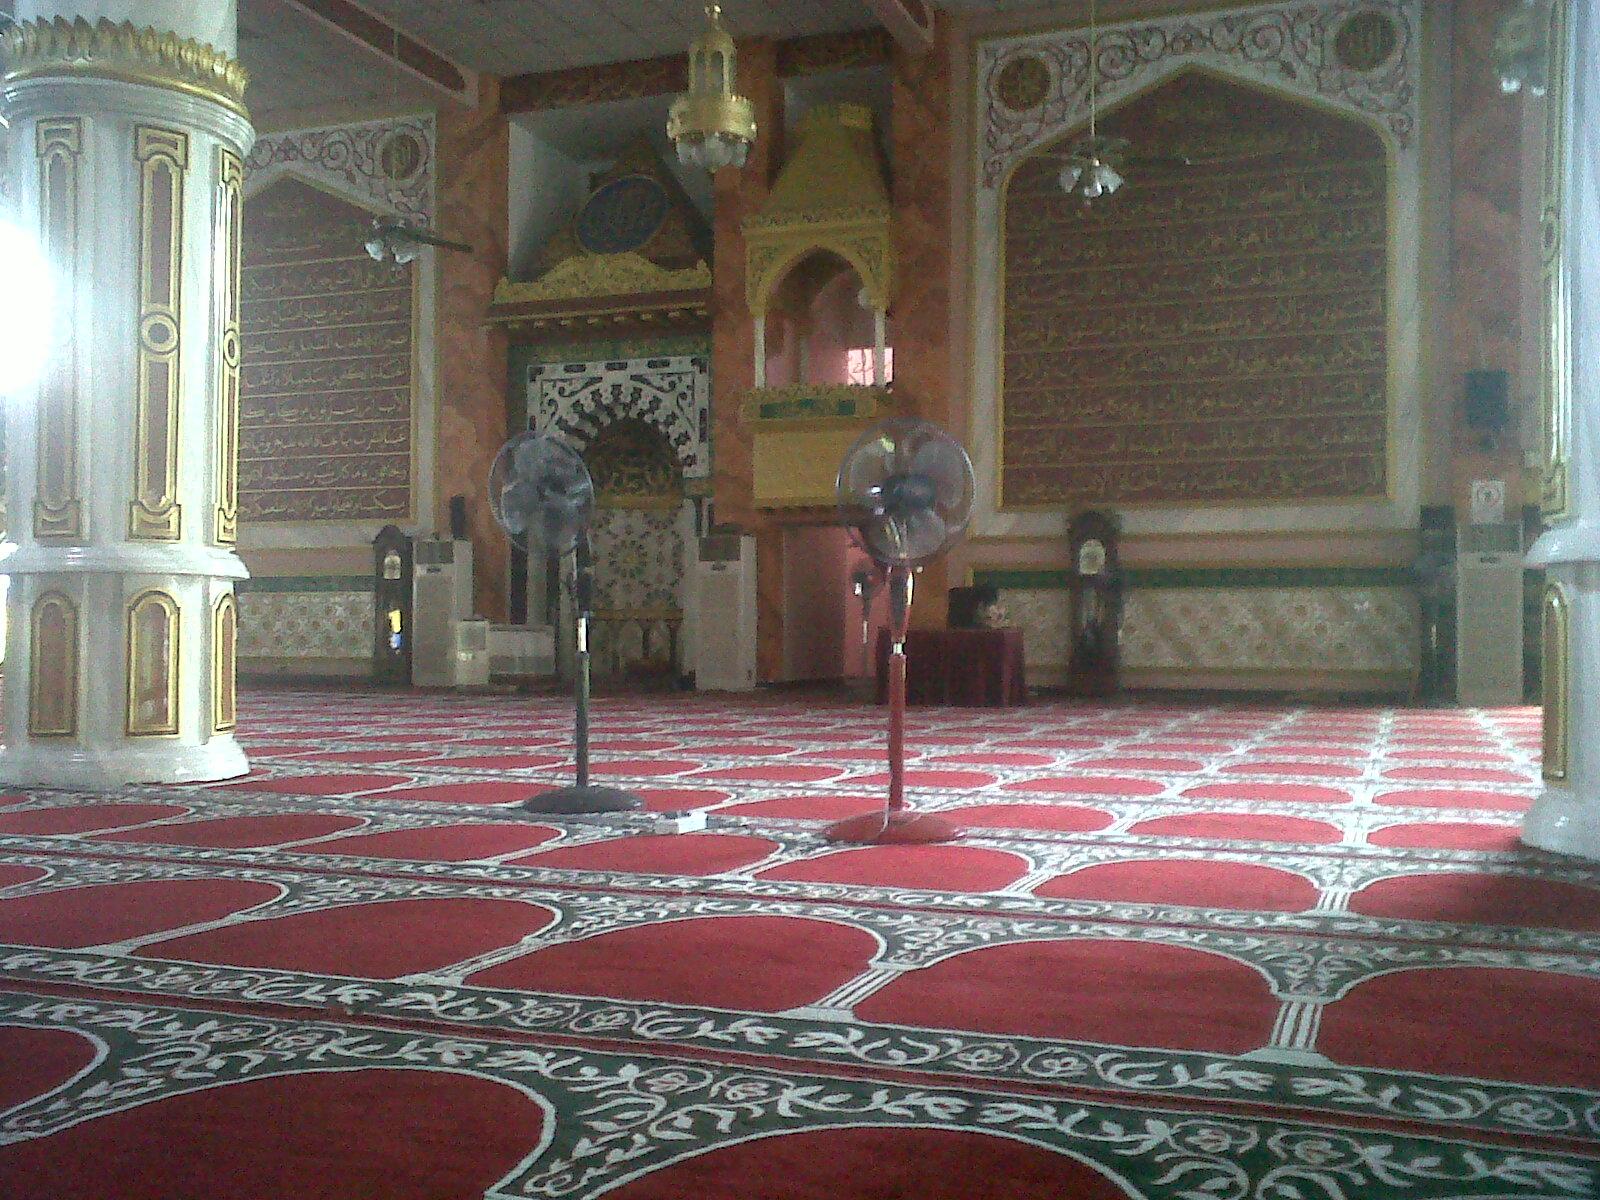 ... dengan hiasan dia. Lain dari masjid-masjid yang ada kat Malaysia